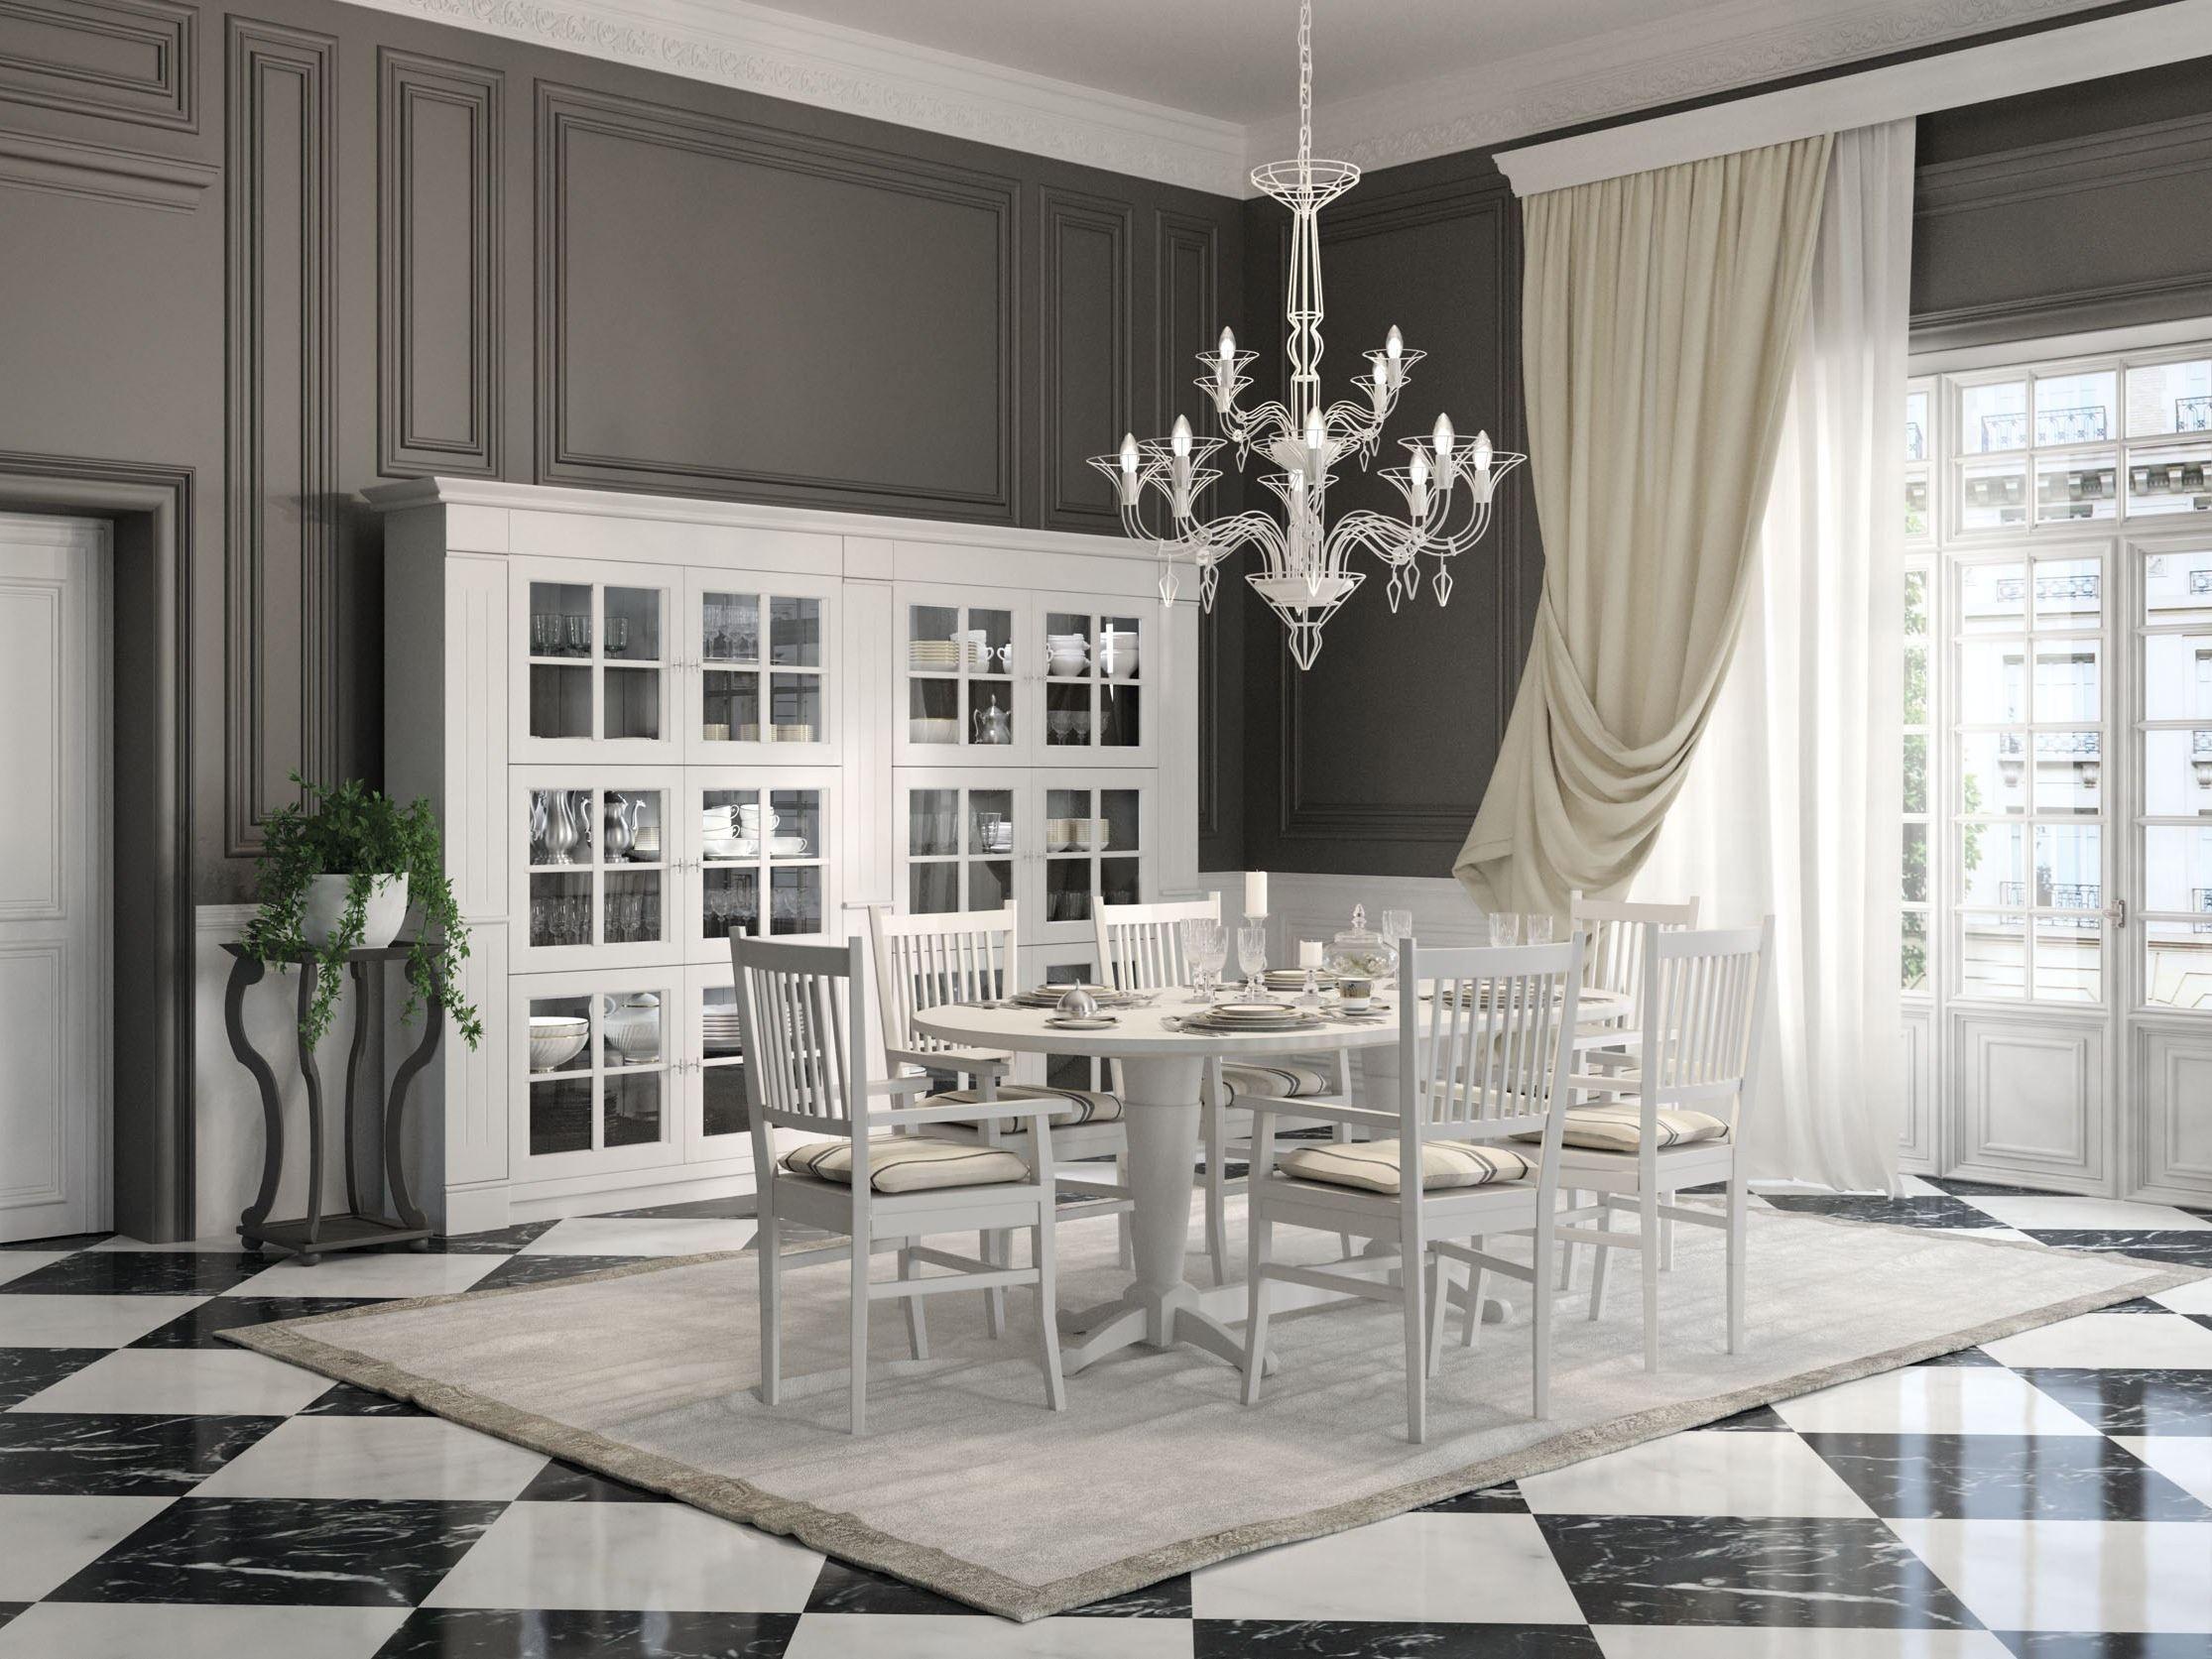 ENGLISH MOOD Cucina in stile classico by Minacciolo | кухни ...